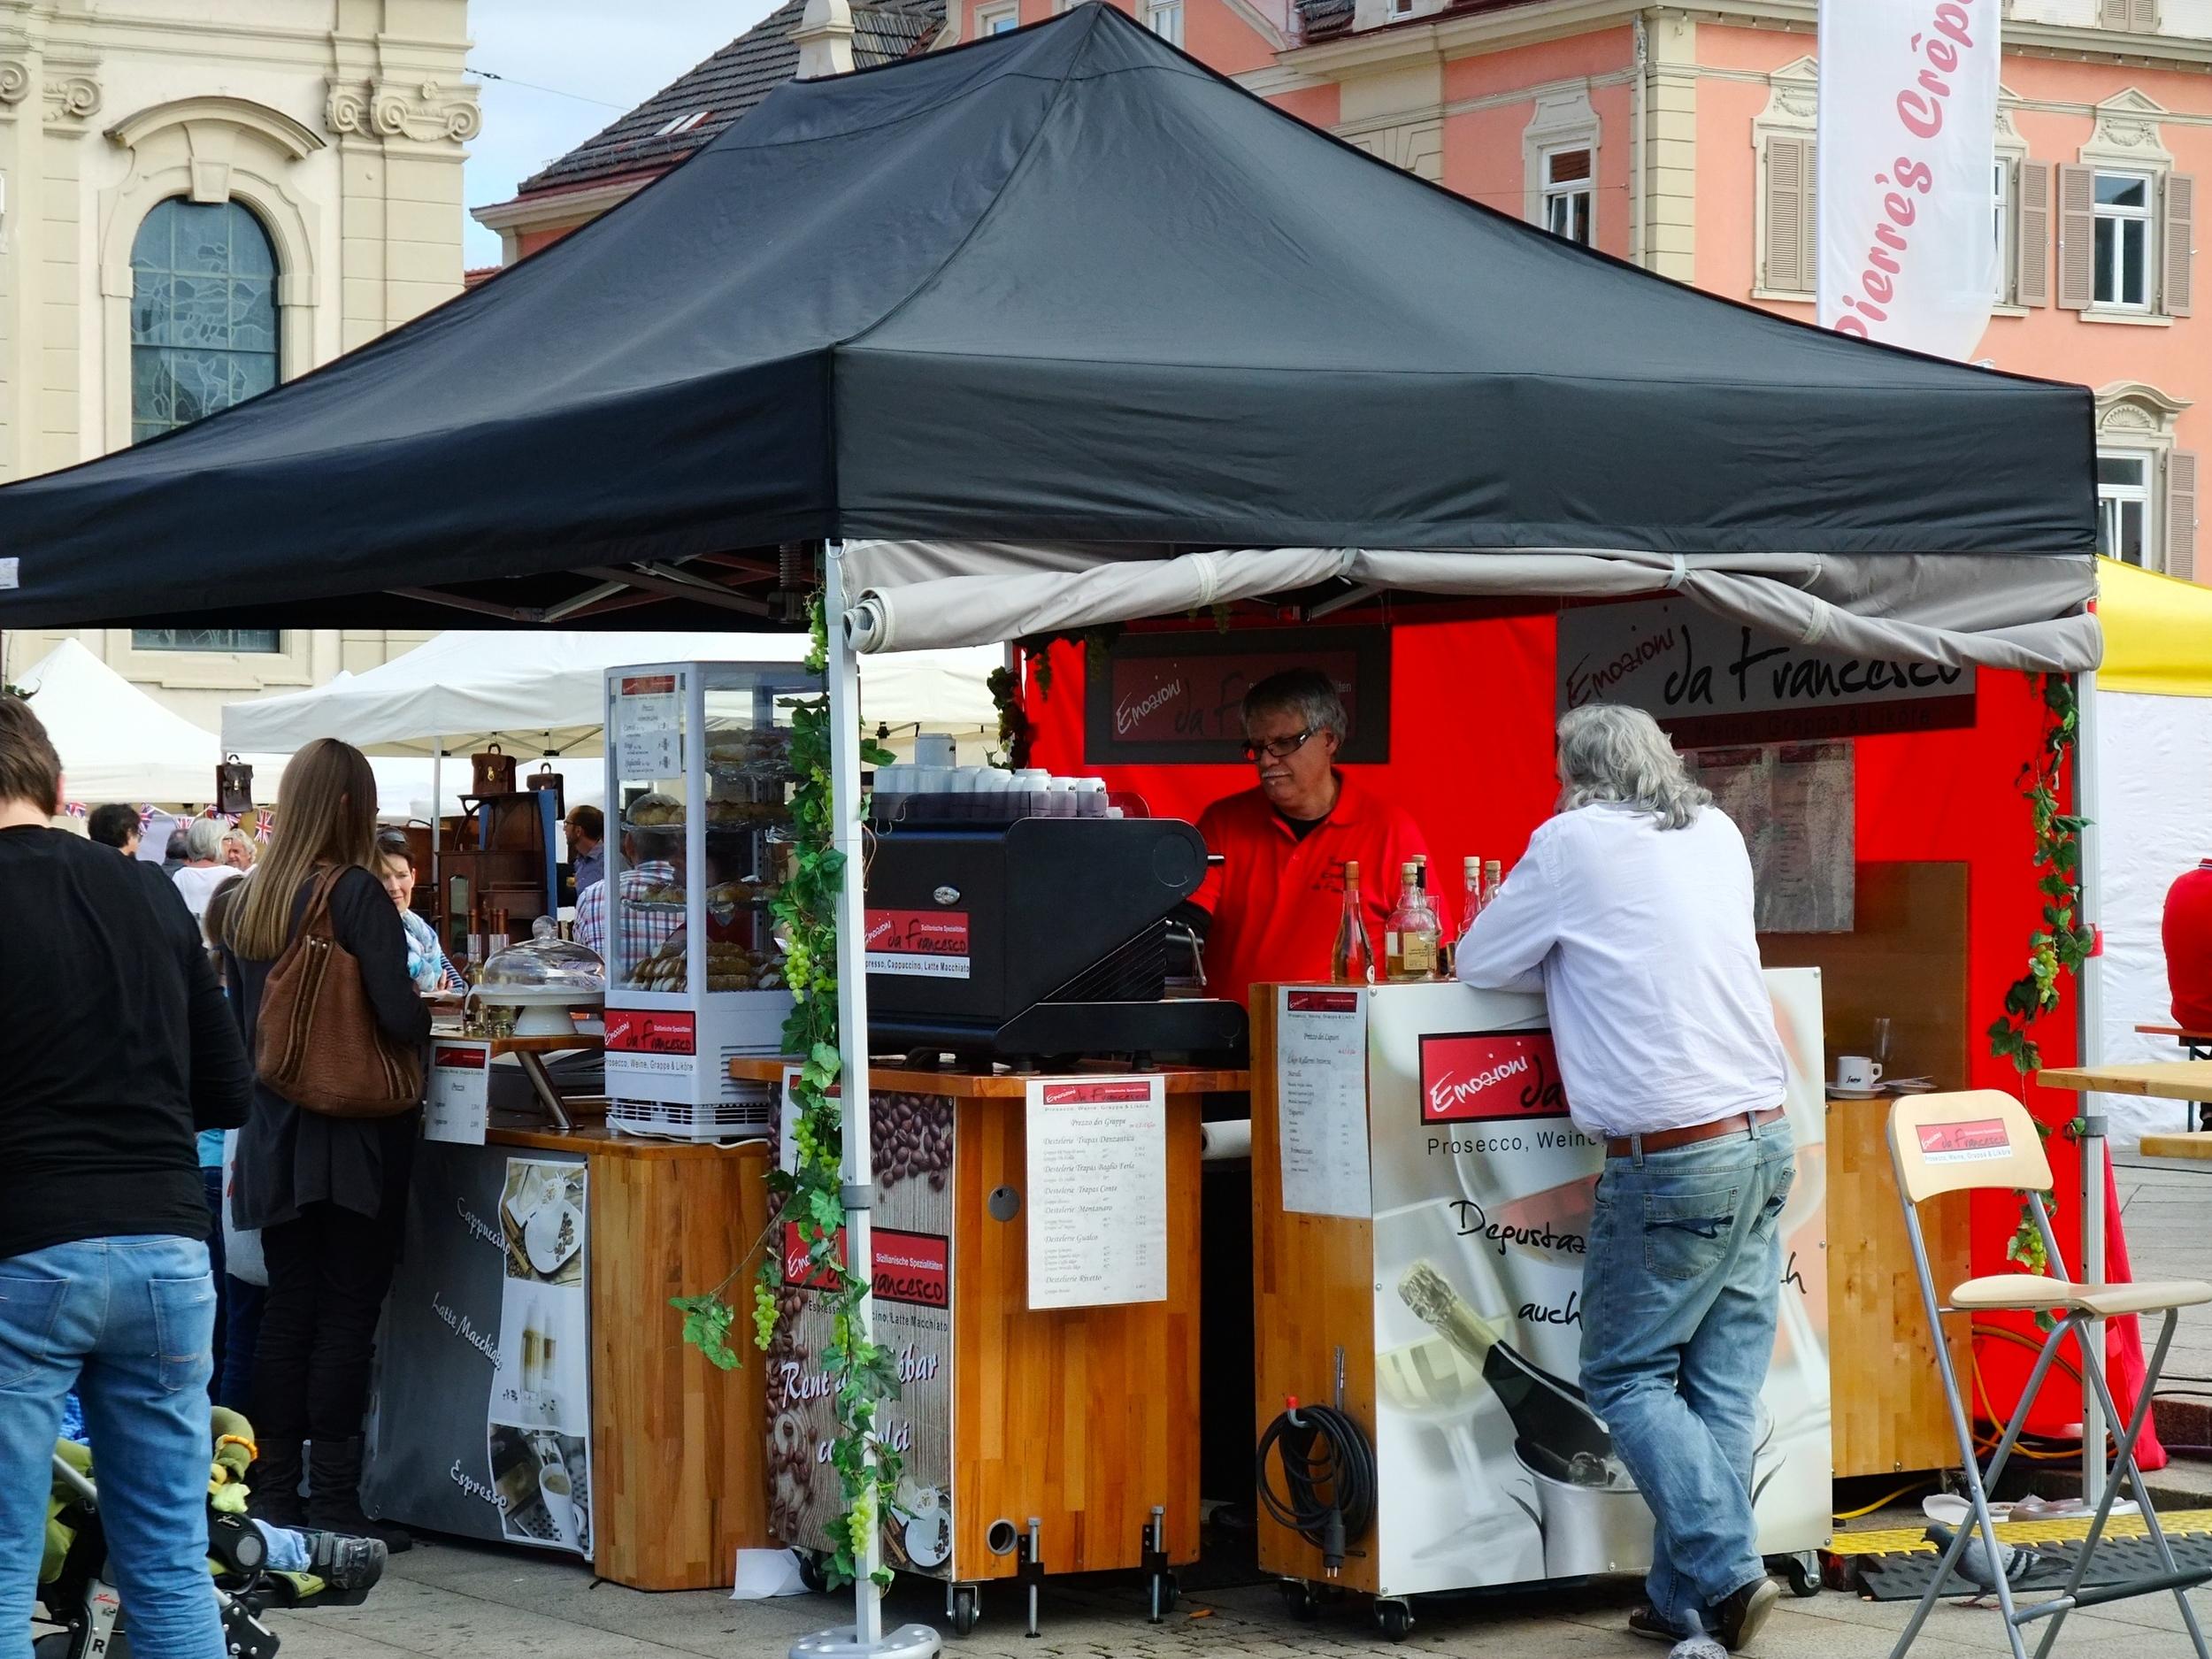 Italian espresso stand